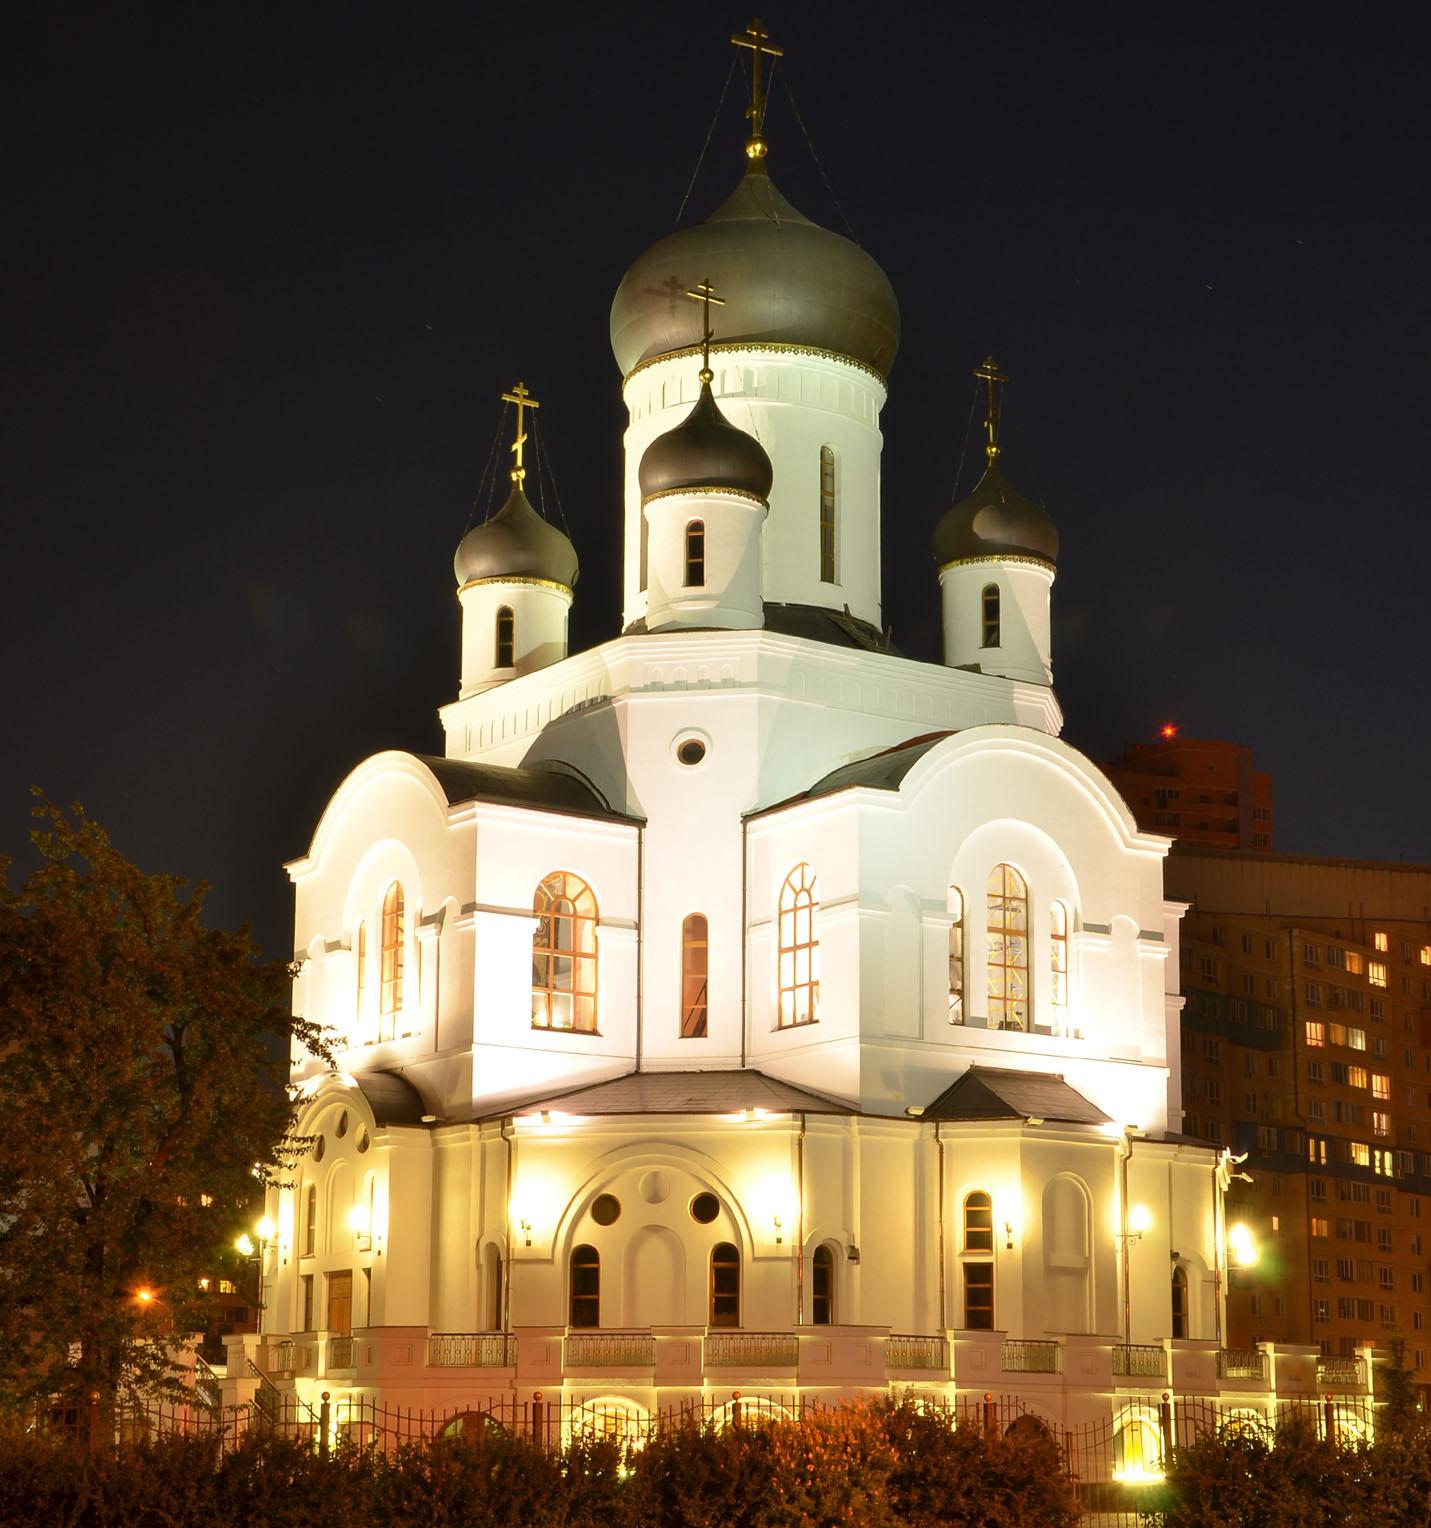 Официальный сайт Храма Рождества Христова